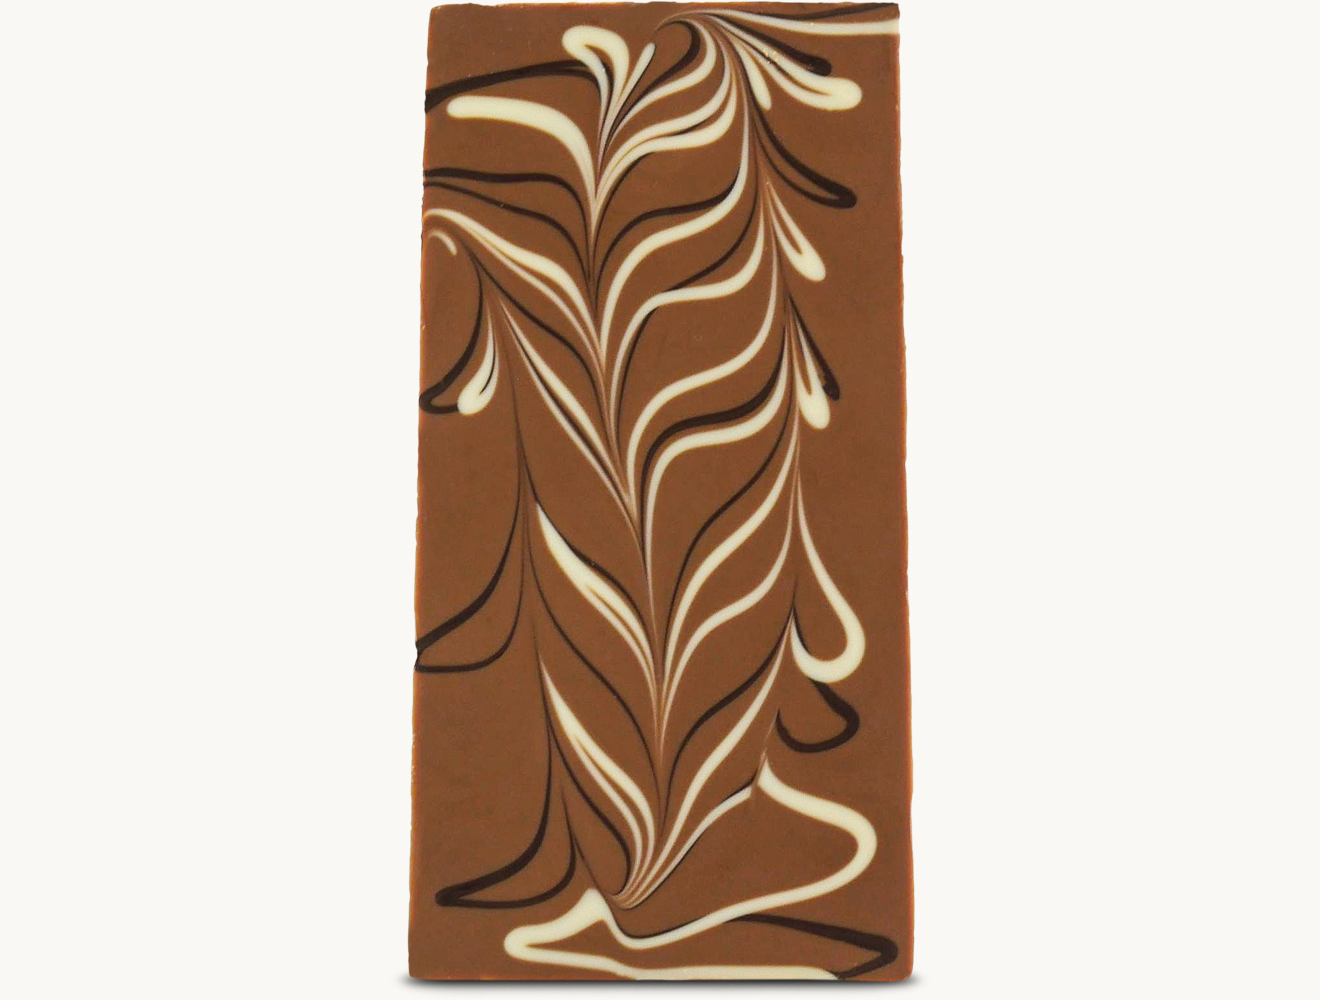 Tafelschokolade Dreierlei Vollmilch